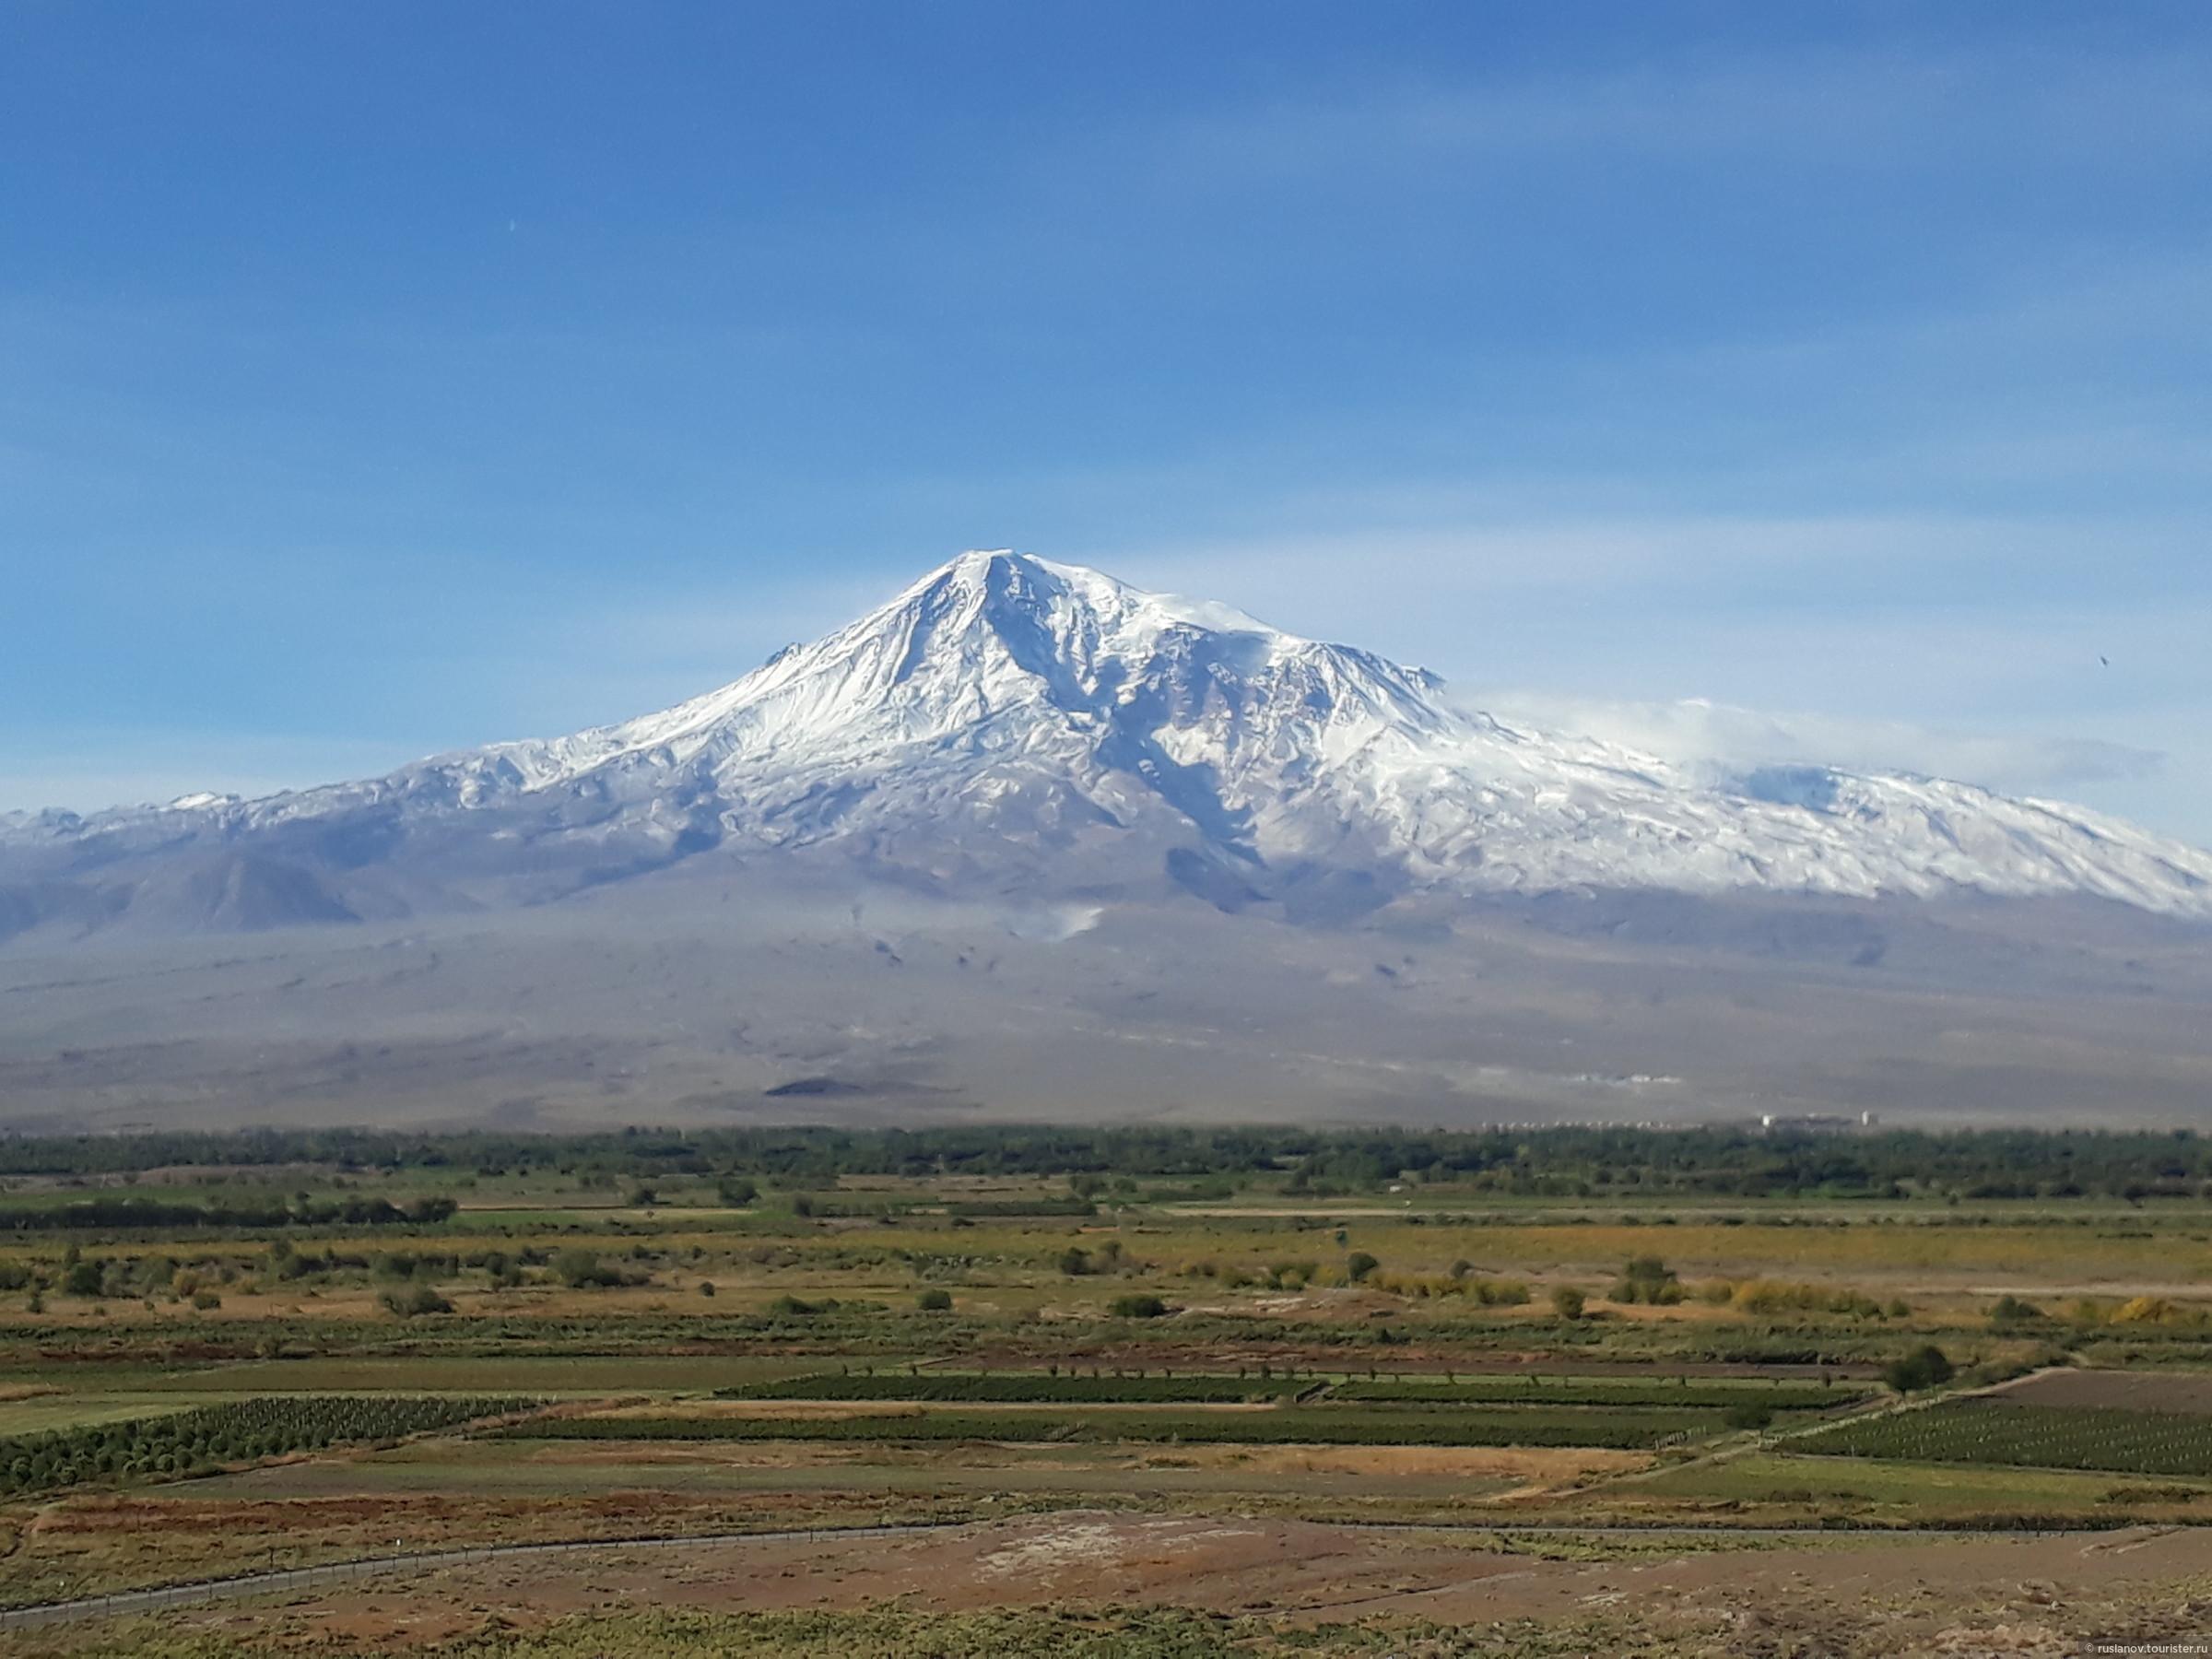 гора арарат фото высокого разрешения левым